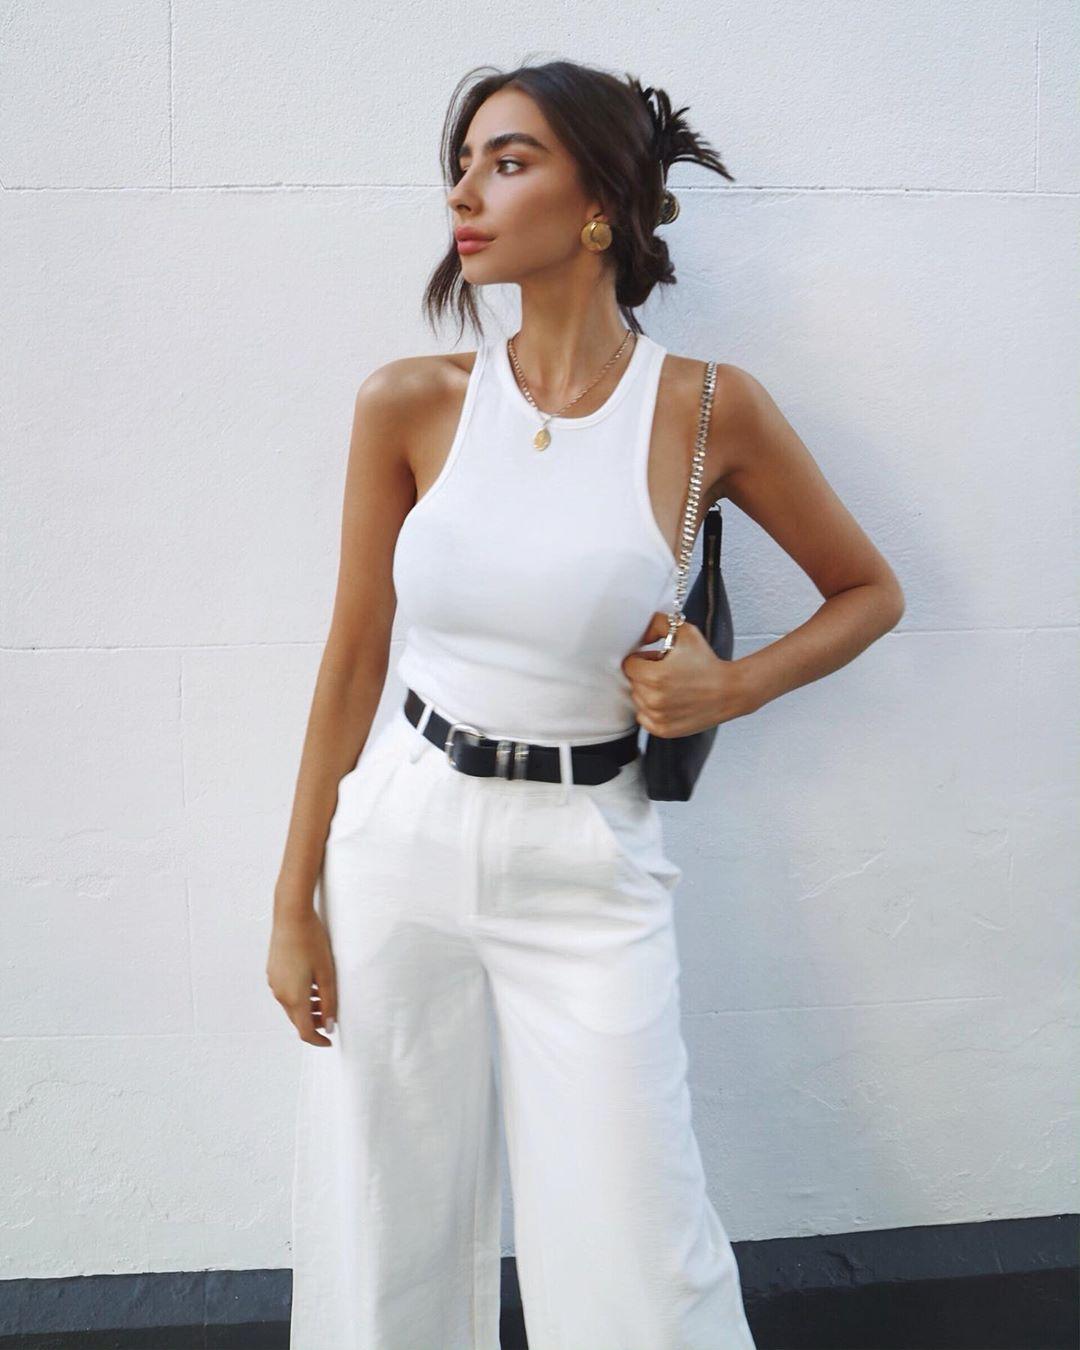 Девушка в белых широких джинсах с черным ремнеи и простой белой майке